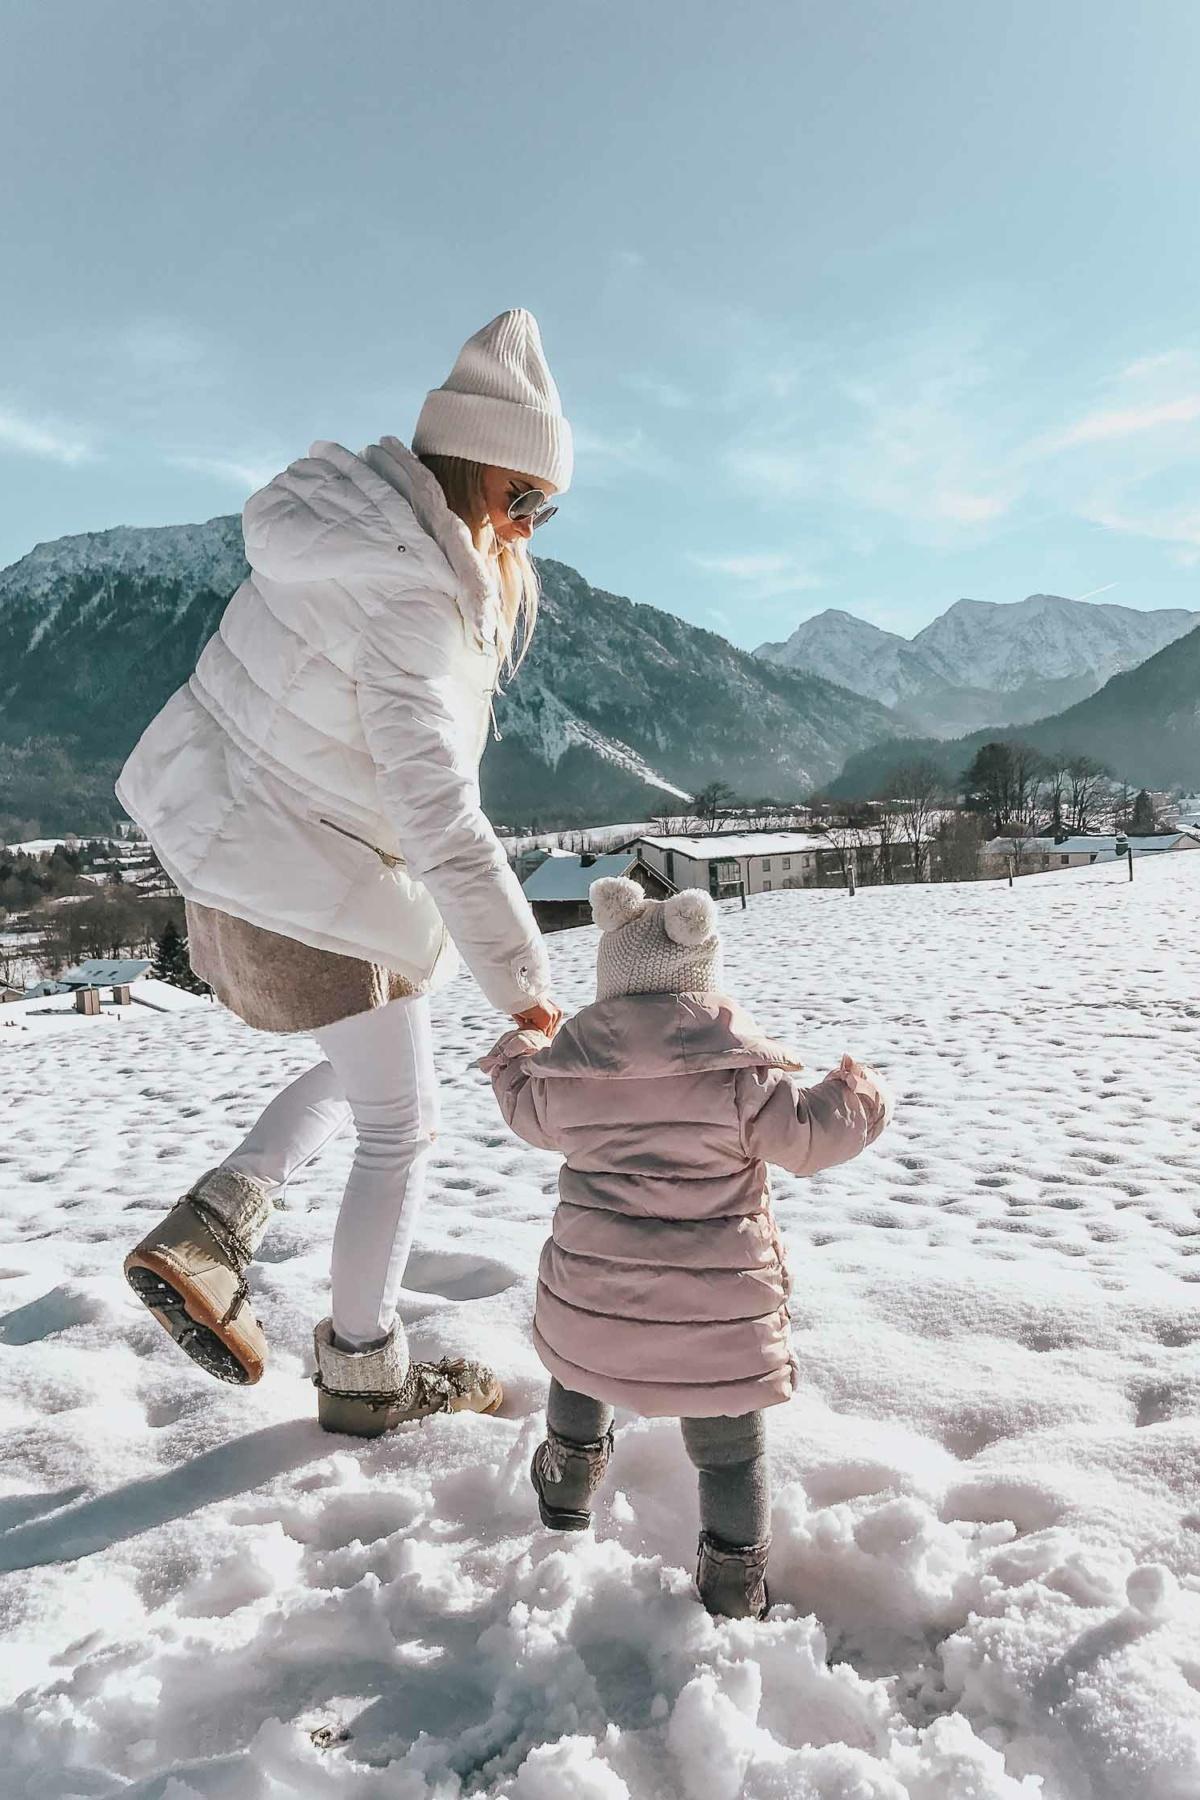 stylingliebe-mamablog-reiseblog-muenchen-travelblog-blogger-deutschland-lifestyleblog-reiseblogger-familienblog-familienzeit-im-chiemgau-mit-der-chiemgau-karte-3